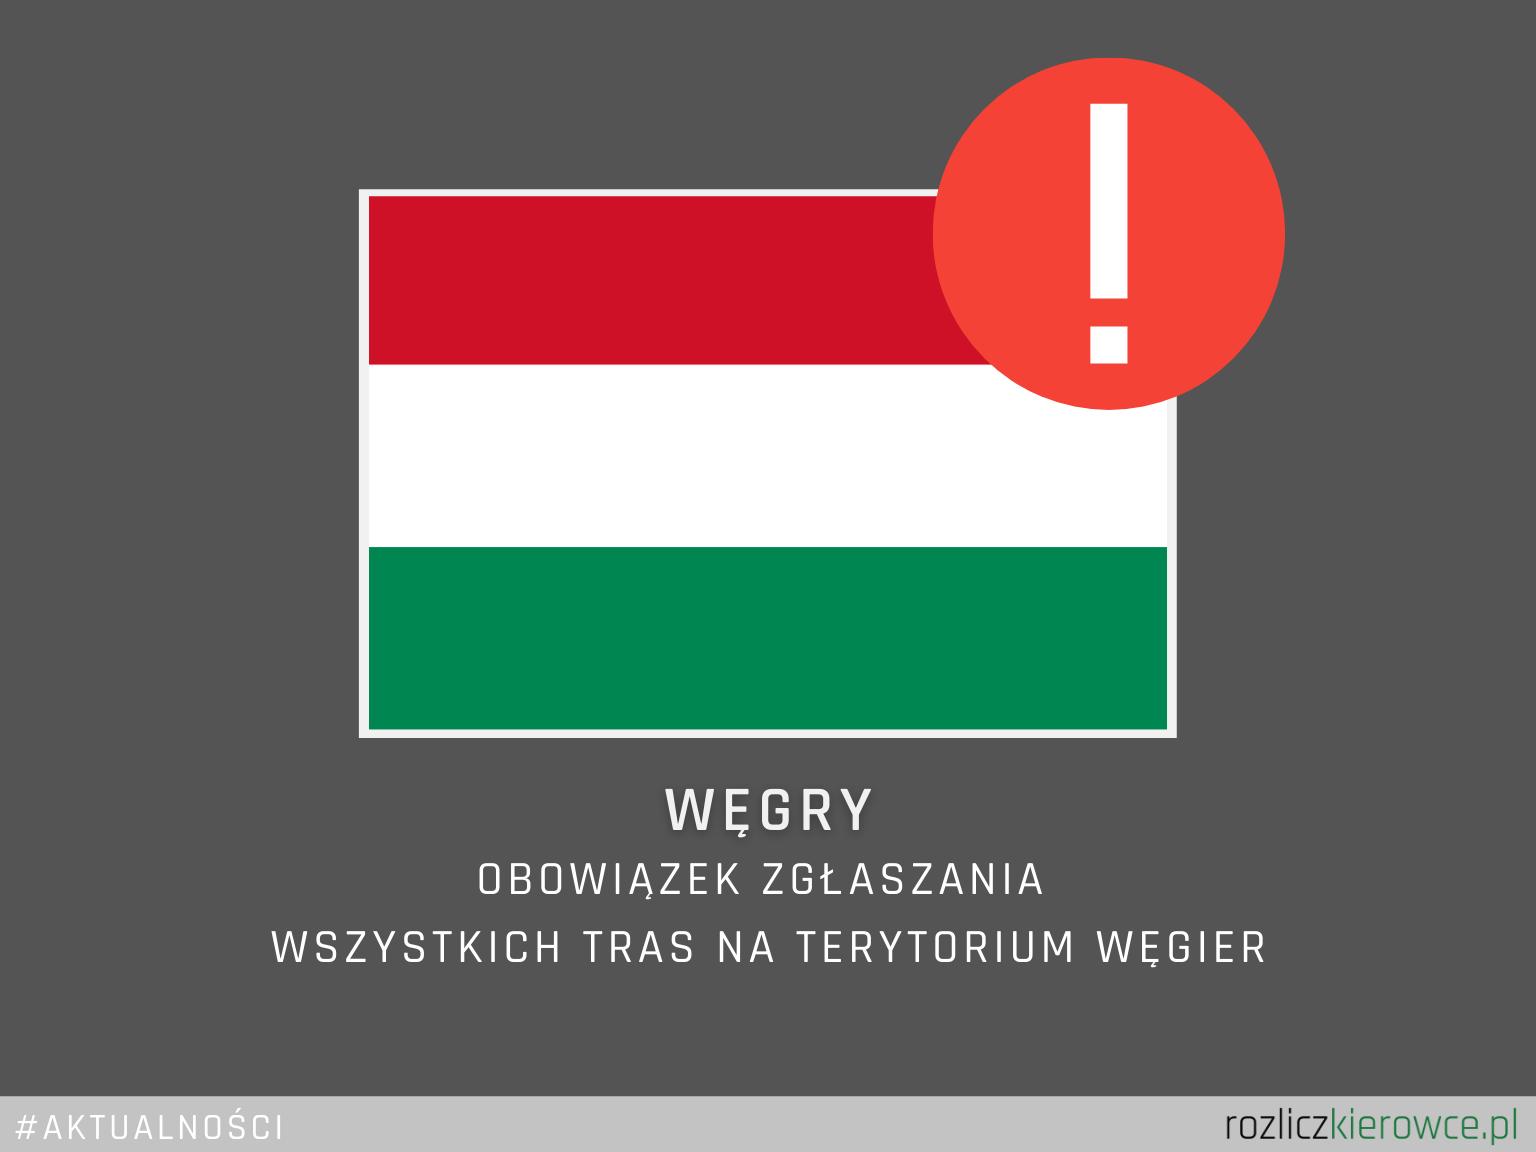 ❗️🚛🇭🇺 WĘGRY-Obowiązek zgłaszania wszystkich tras na terytorium Węgier.